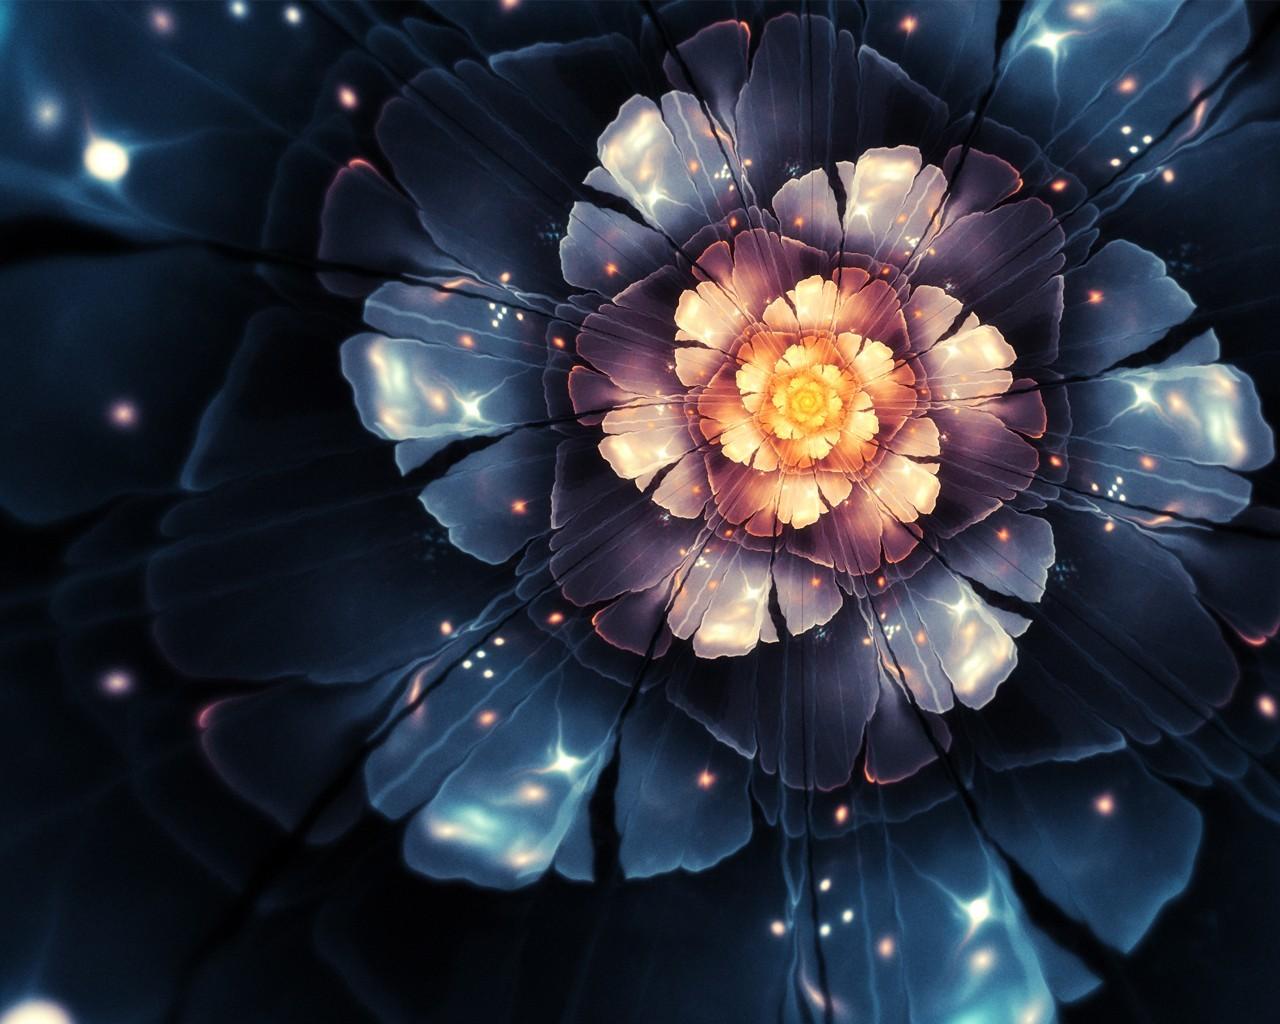 самый волшебный цветок картинки предлагается оценить